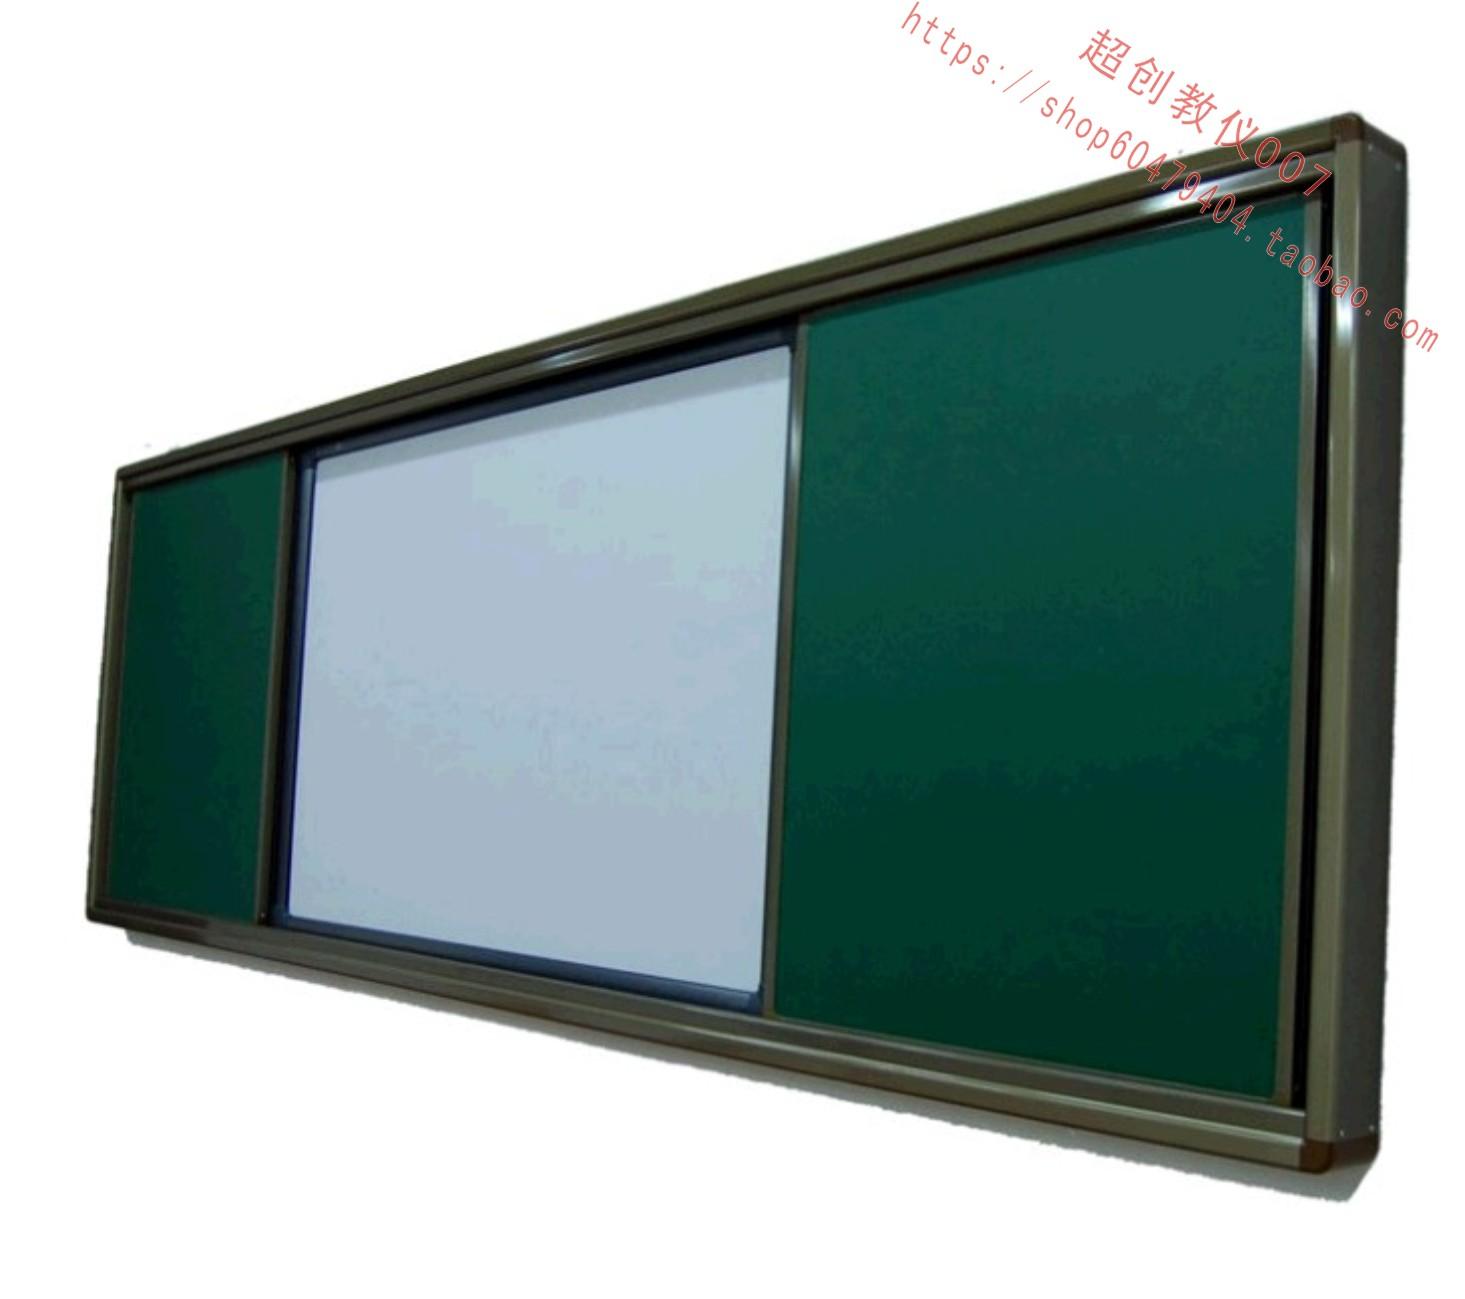 推拉黑板多媒体投影教学办公绿板白板 书写板教室大黑板挂式定制